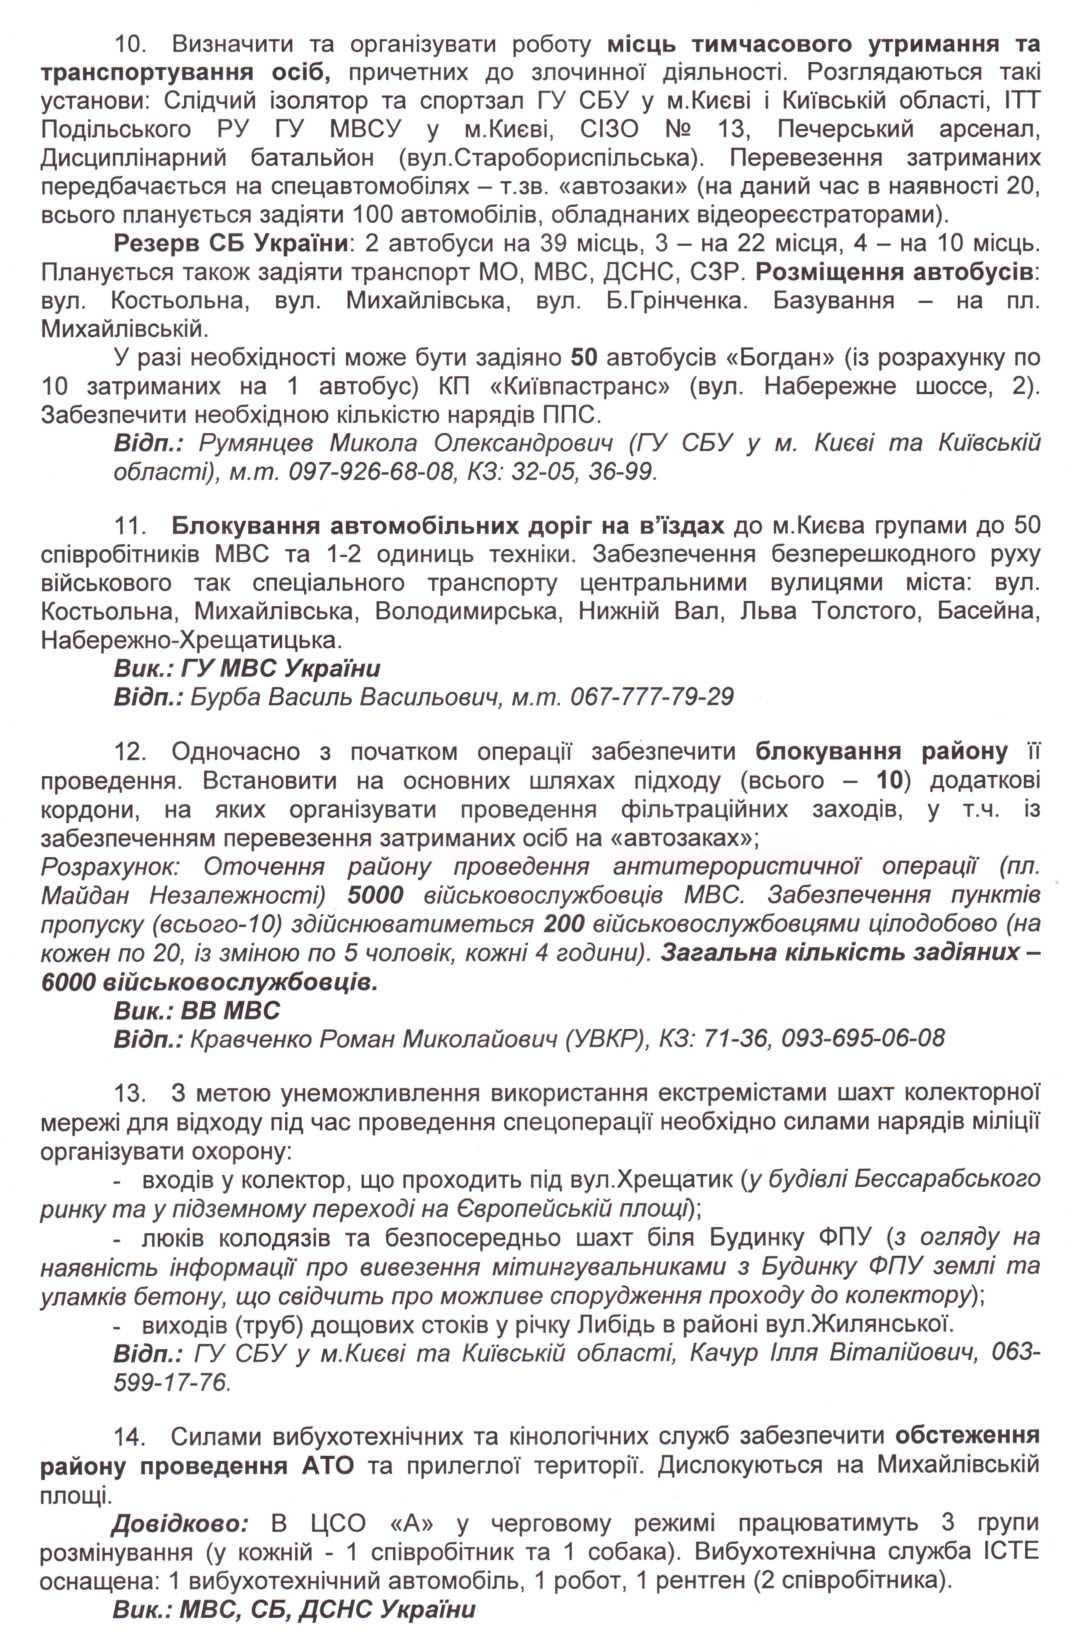 Москаль обнародовал планы спецоперации по разгону Майдана